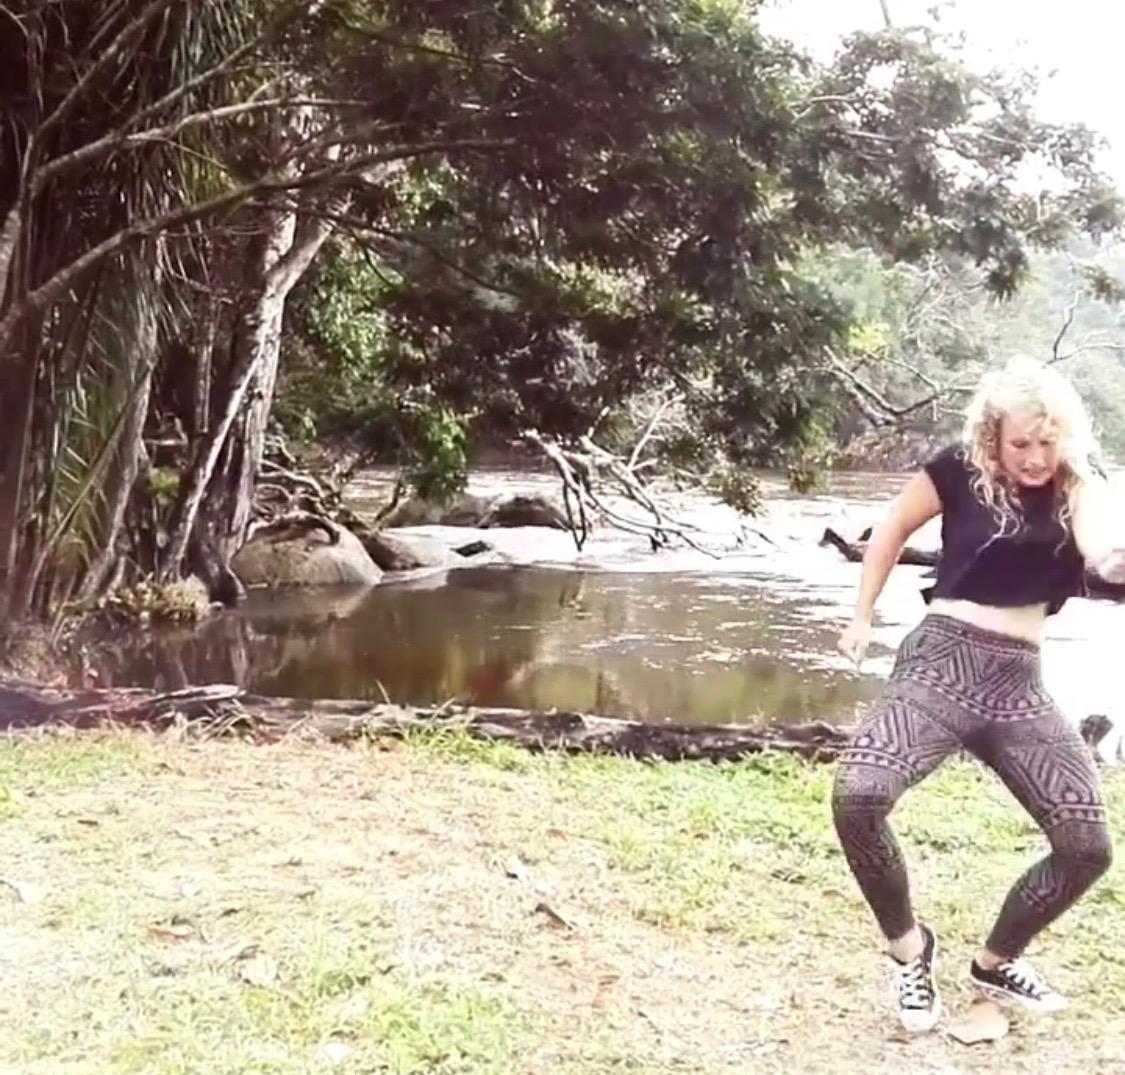 Afro fusion - Afro Fusion laat je proeven van de vele dansstijlen die aanwezig zijn in Afrika. Je tovert spontaan een glimlach op je gezicht als je de draaiende heupbewegingen van Ndombolo uit Ivoorkust ziet die worden bijgestaan door het iets snellere voetenwerk van coupe décalé uit Congo. Het rustige wordt dan weer opgevolgd door de explosieve en energierijke Afro-house en Kuduro uit Angola. Waar snelle beenbewegingen met grappige verwerkingen van dagdagelijkse gebaren gecombineerd worden met een stoere en ruige dansattitude. In Angola zeggen ze; hoe grappiger, hoe beter!Afro fusion leert je de nieuwe Afrodance generatie die overgevloeid is uit de traditionele Afrikaanse dans en het alledaagse danslevenMbora! (let's go).